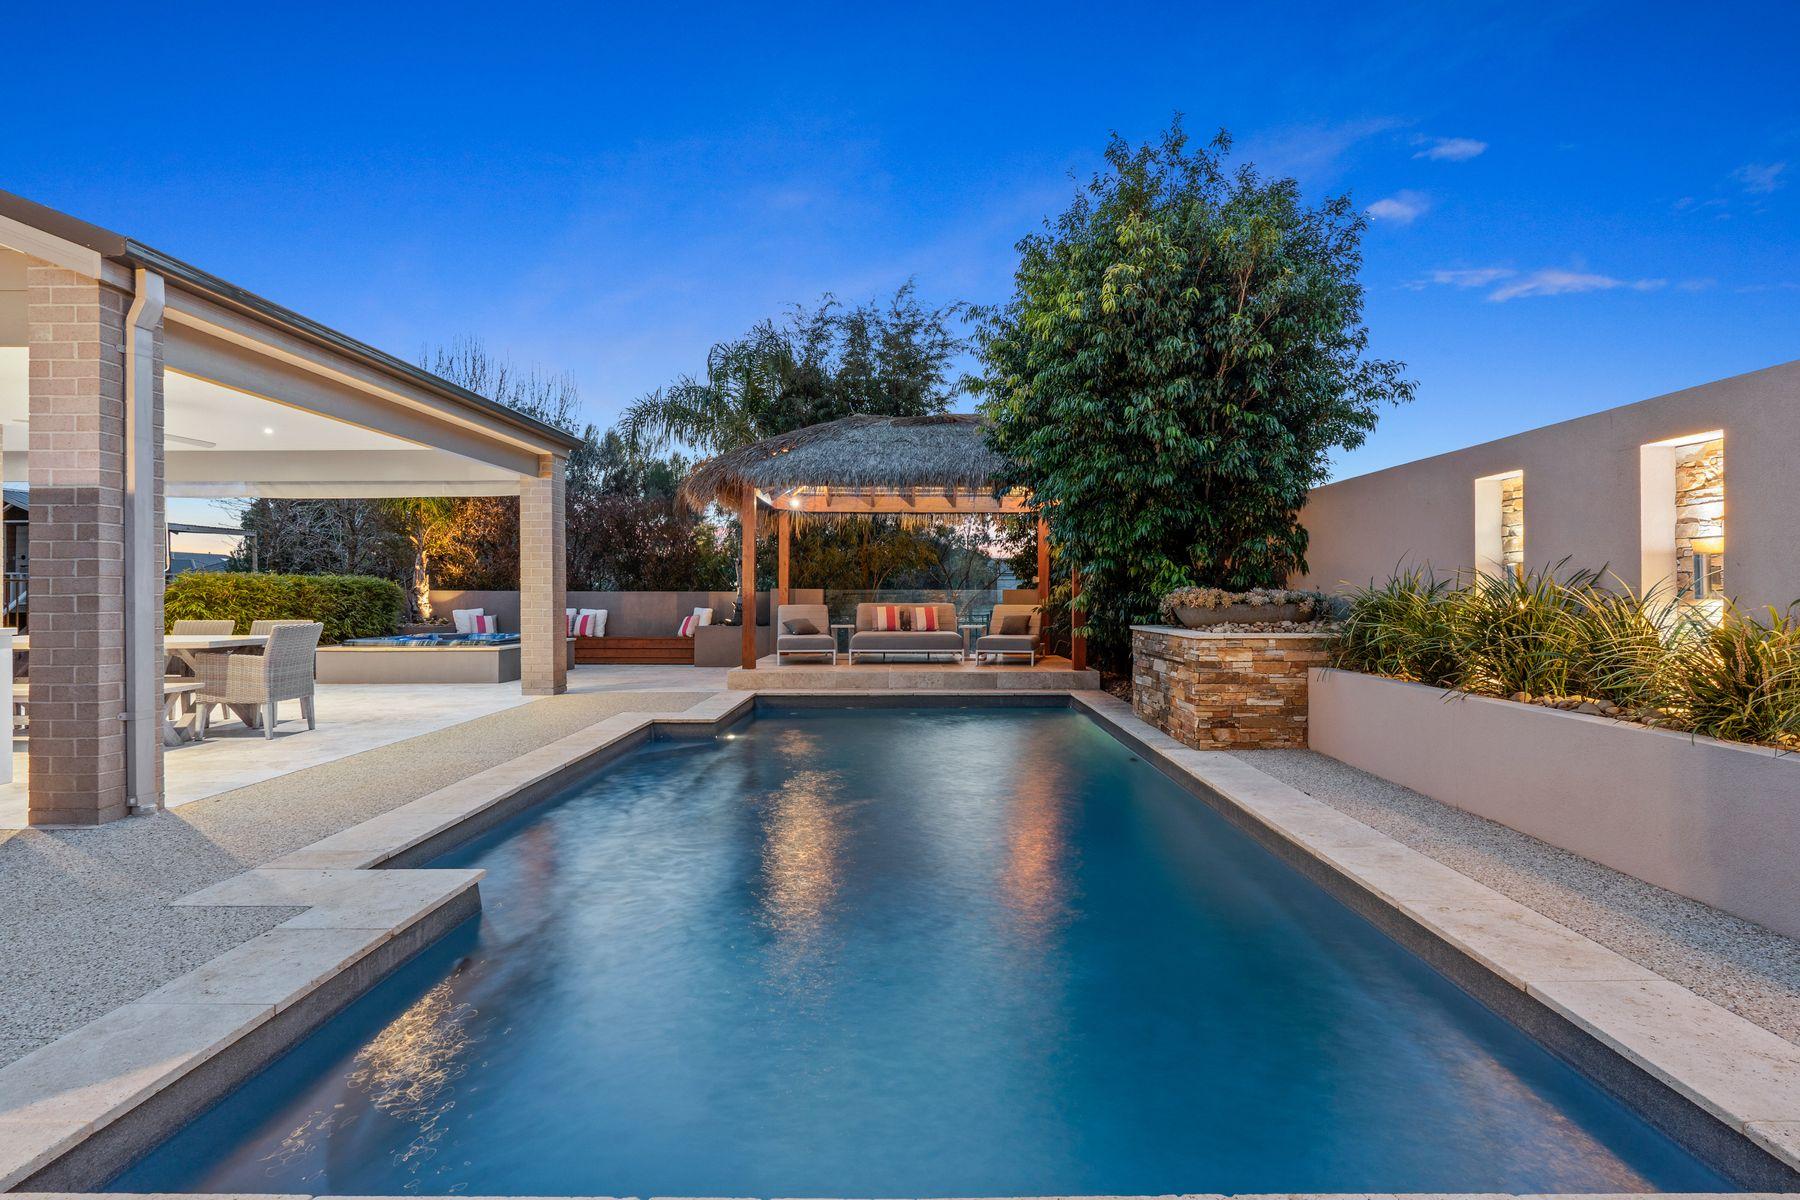 Westwood Grove pool